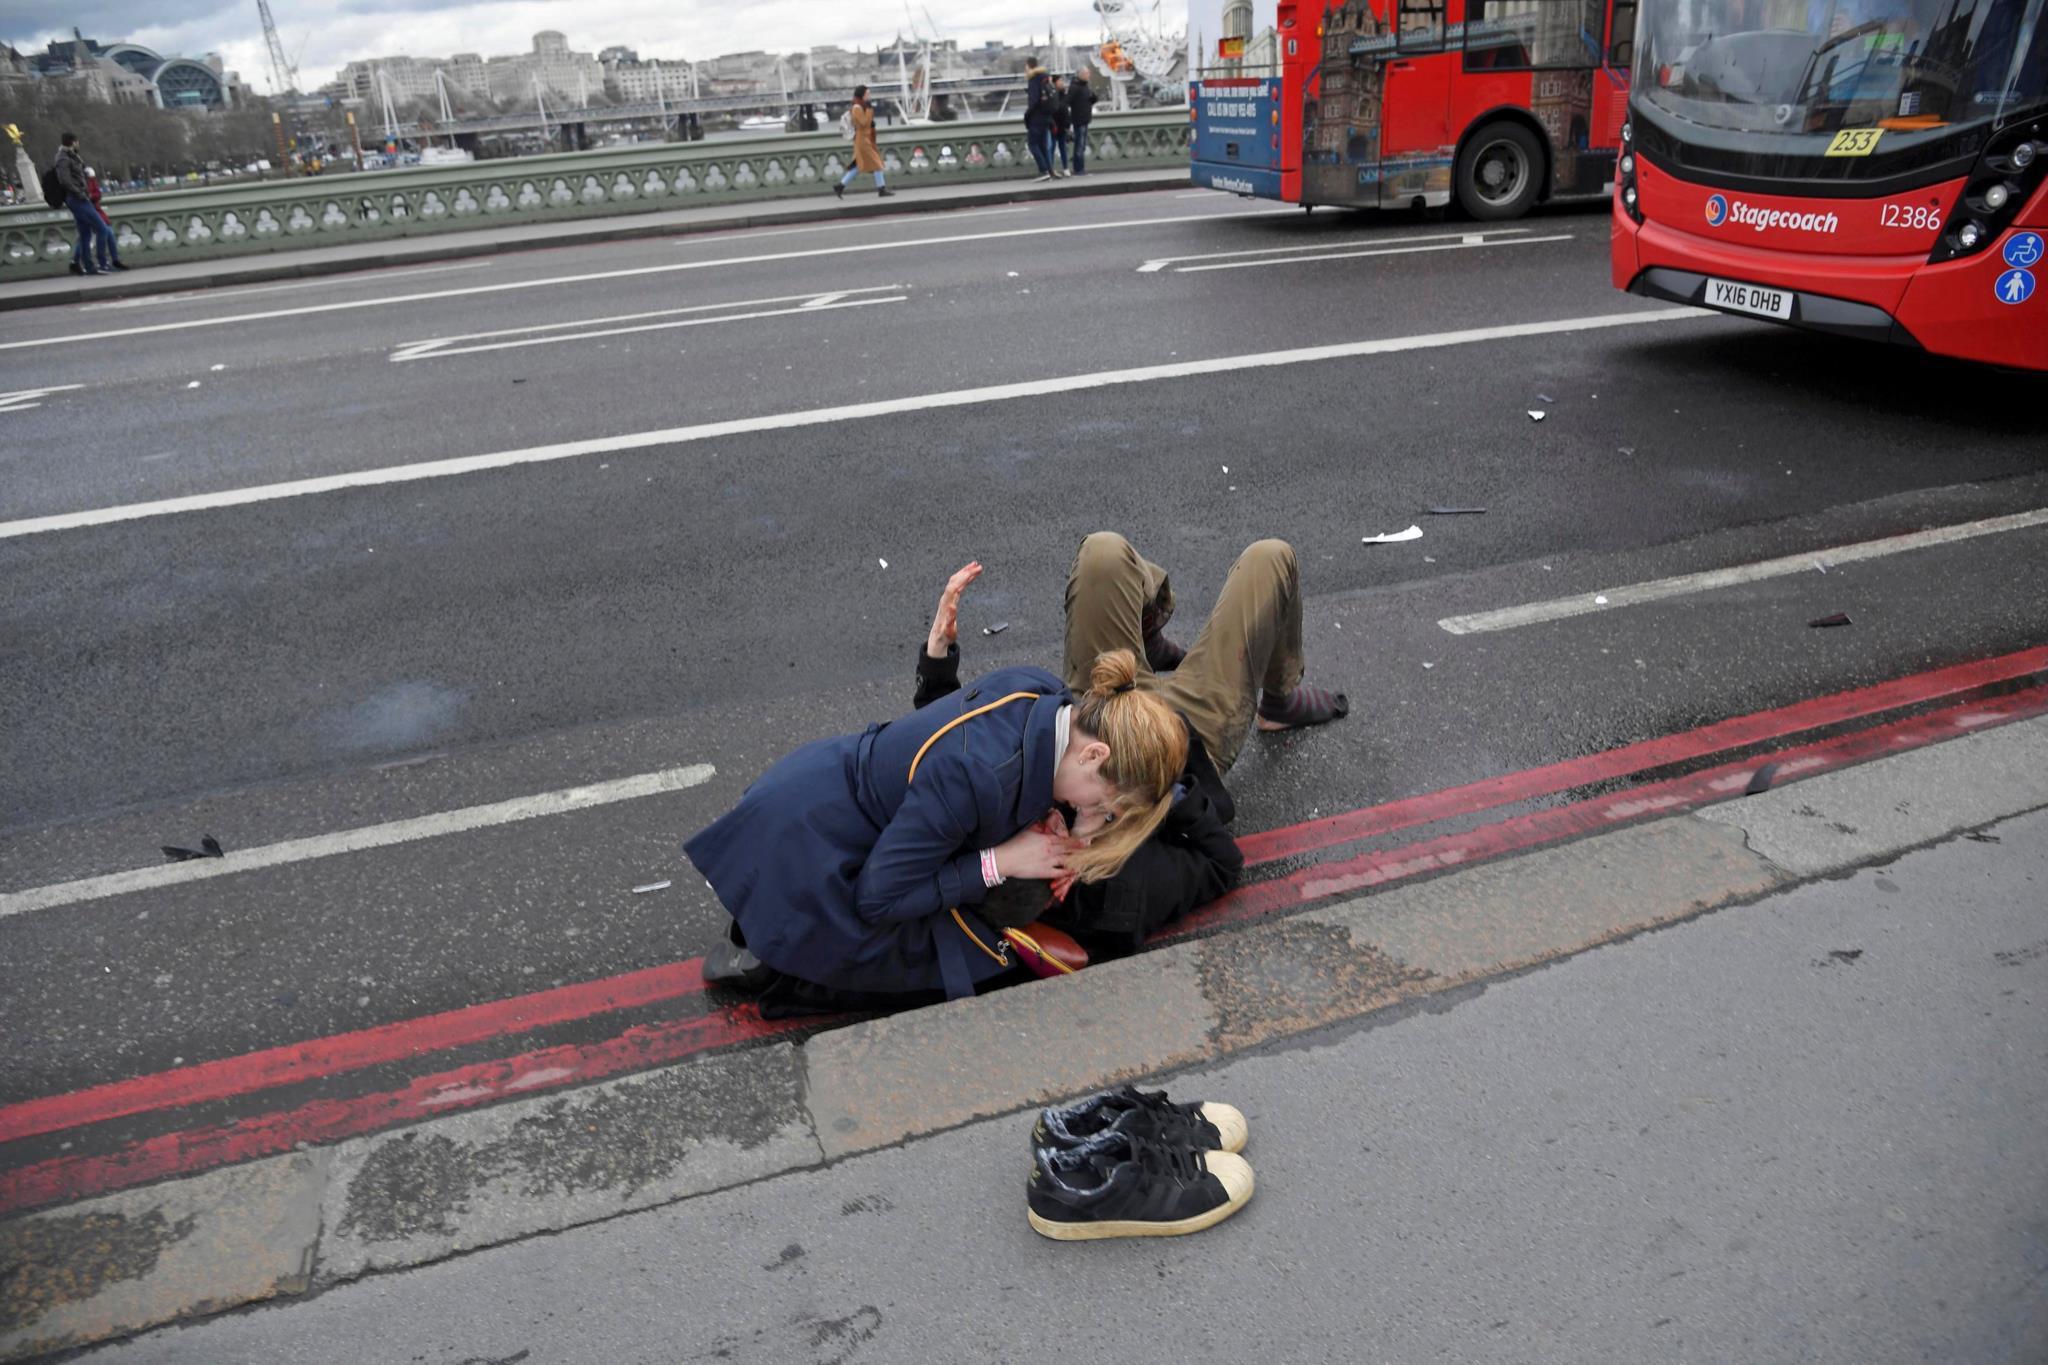 PÚBLICO - Lúcia estava na ponte de Westminster e conta como um par de sapatilhas a salvou